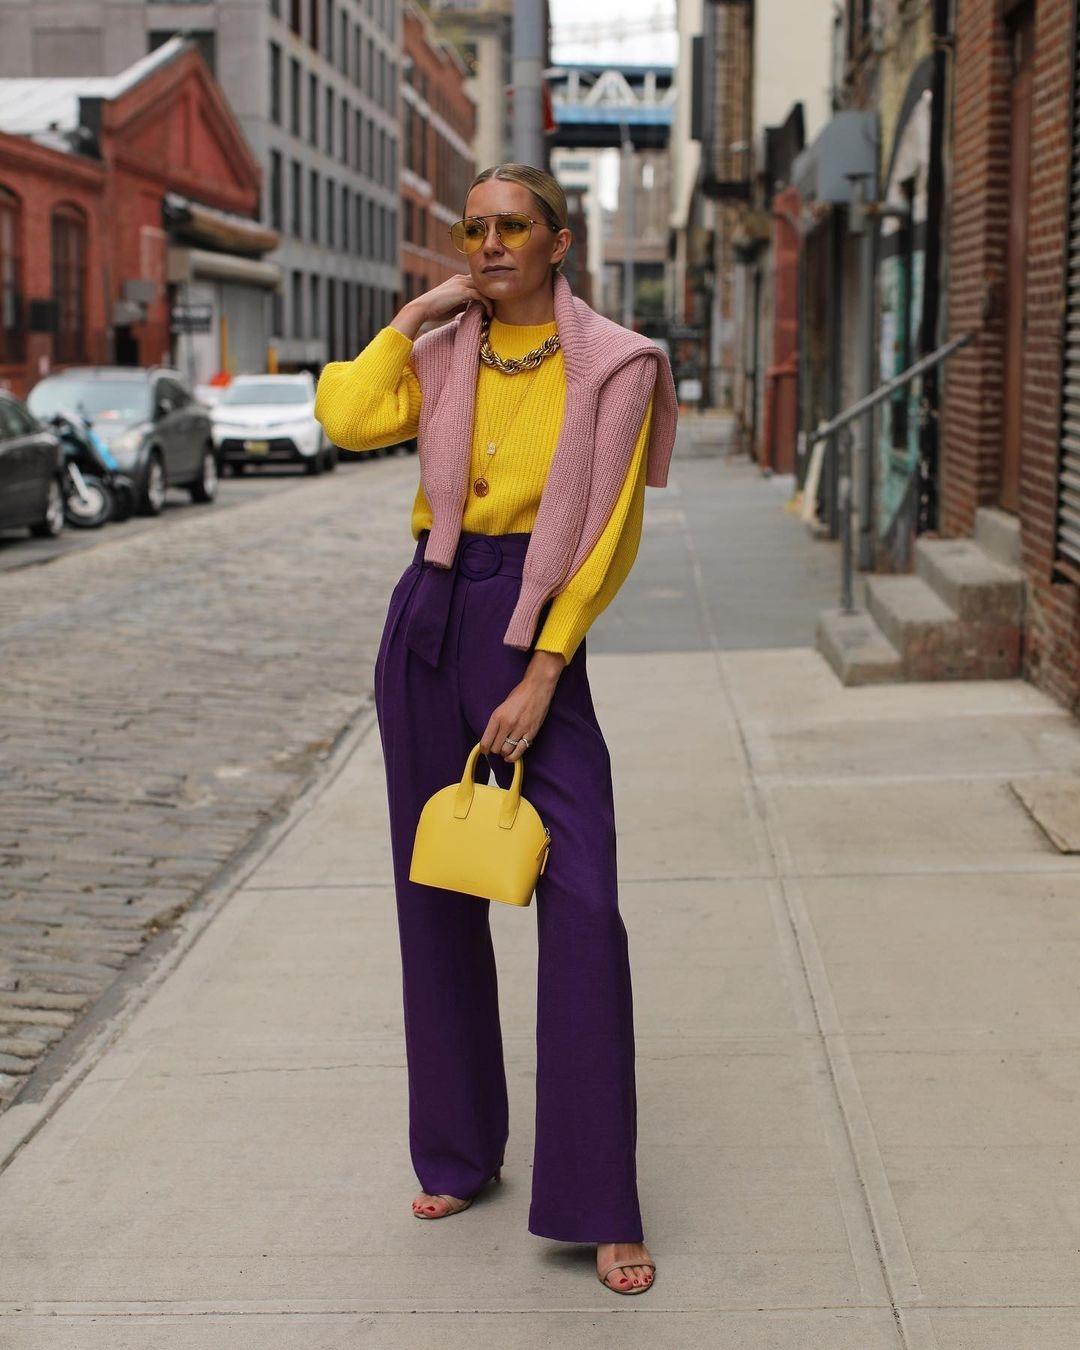 модный свитер осень зима 2021 2022 в рубчик желтый розовый